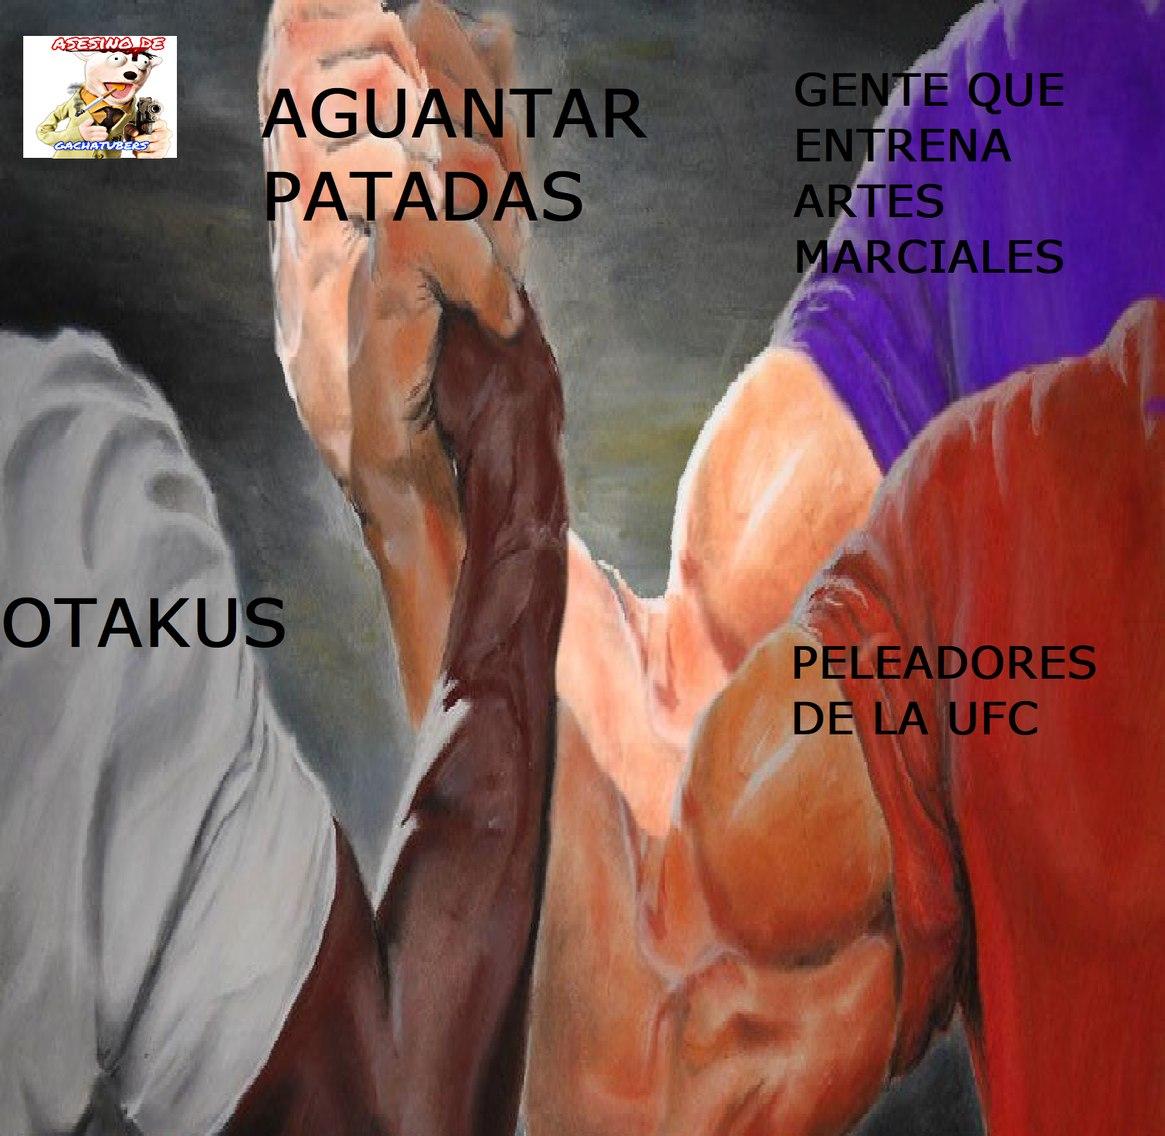 awebo plantilla hd - meme